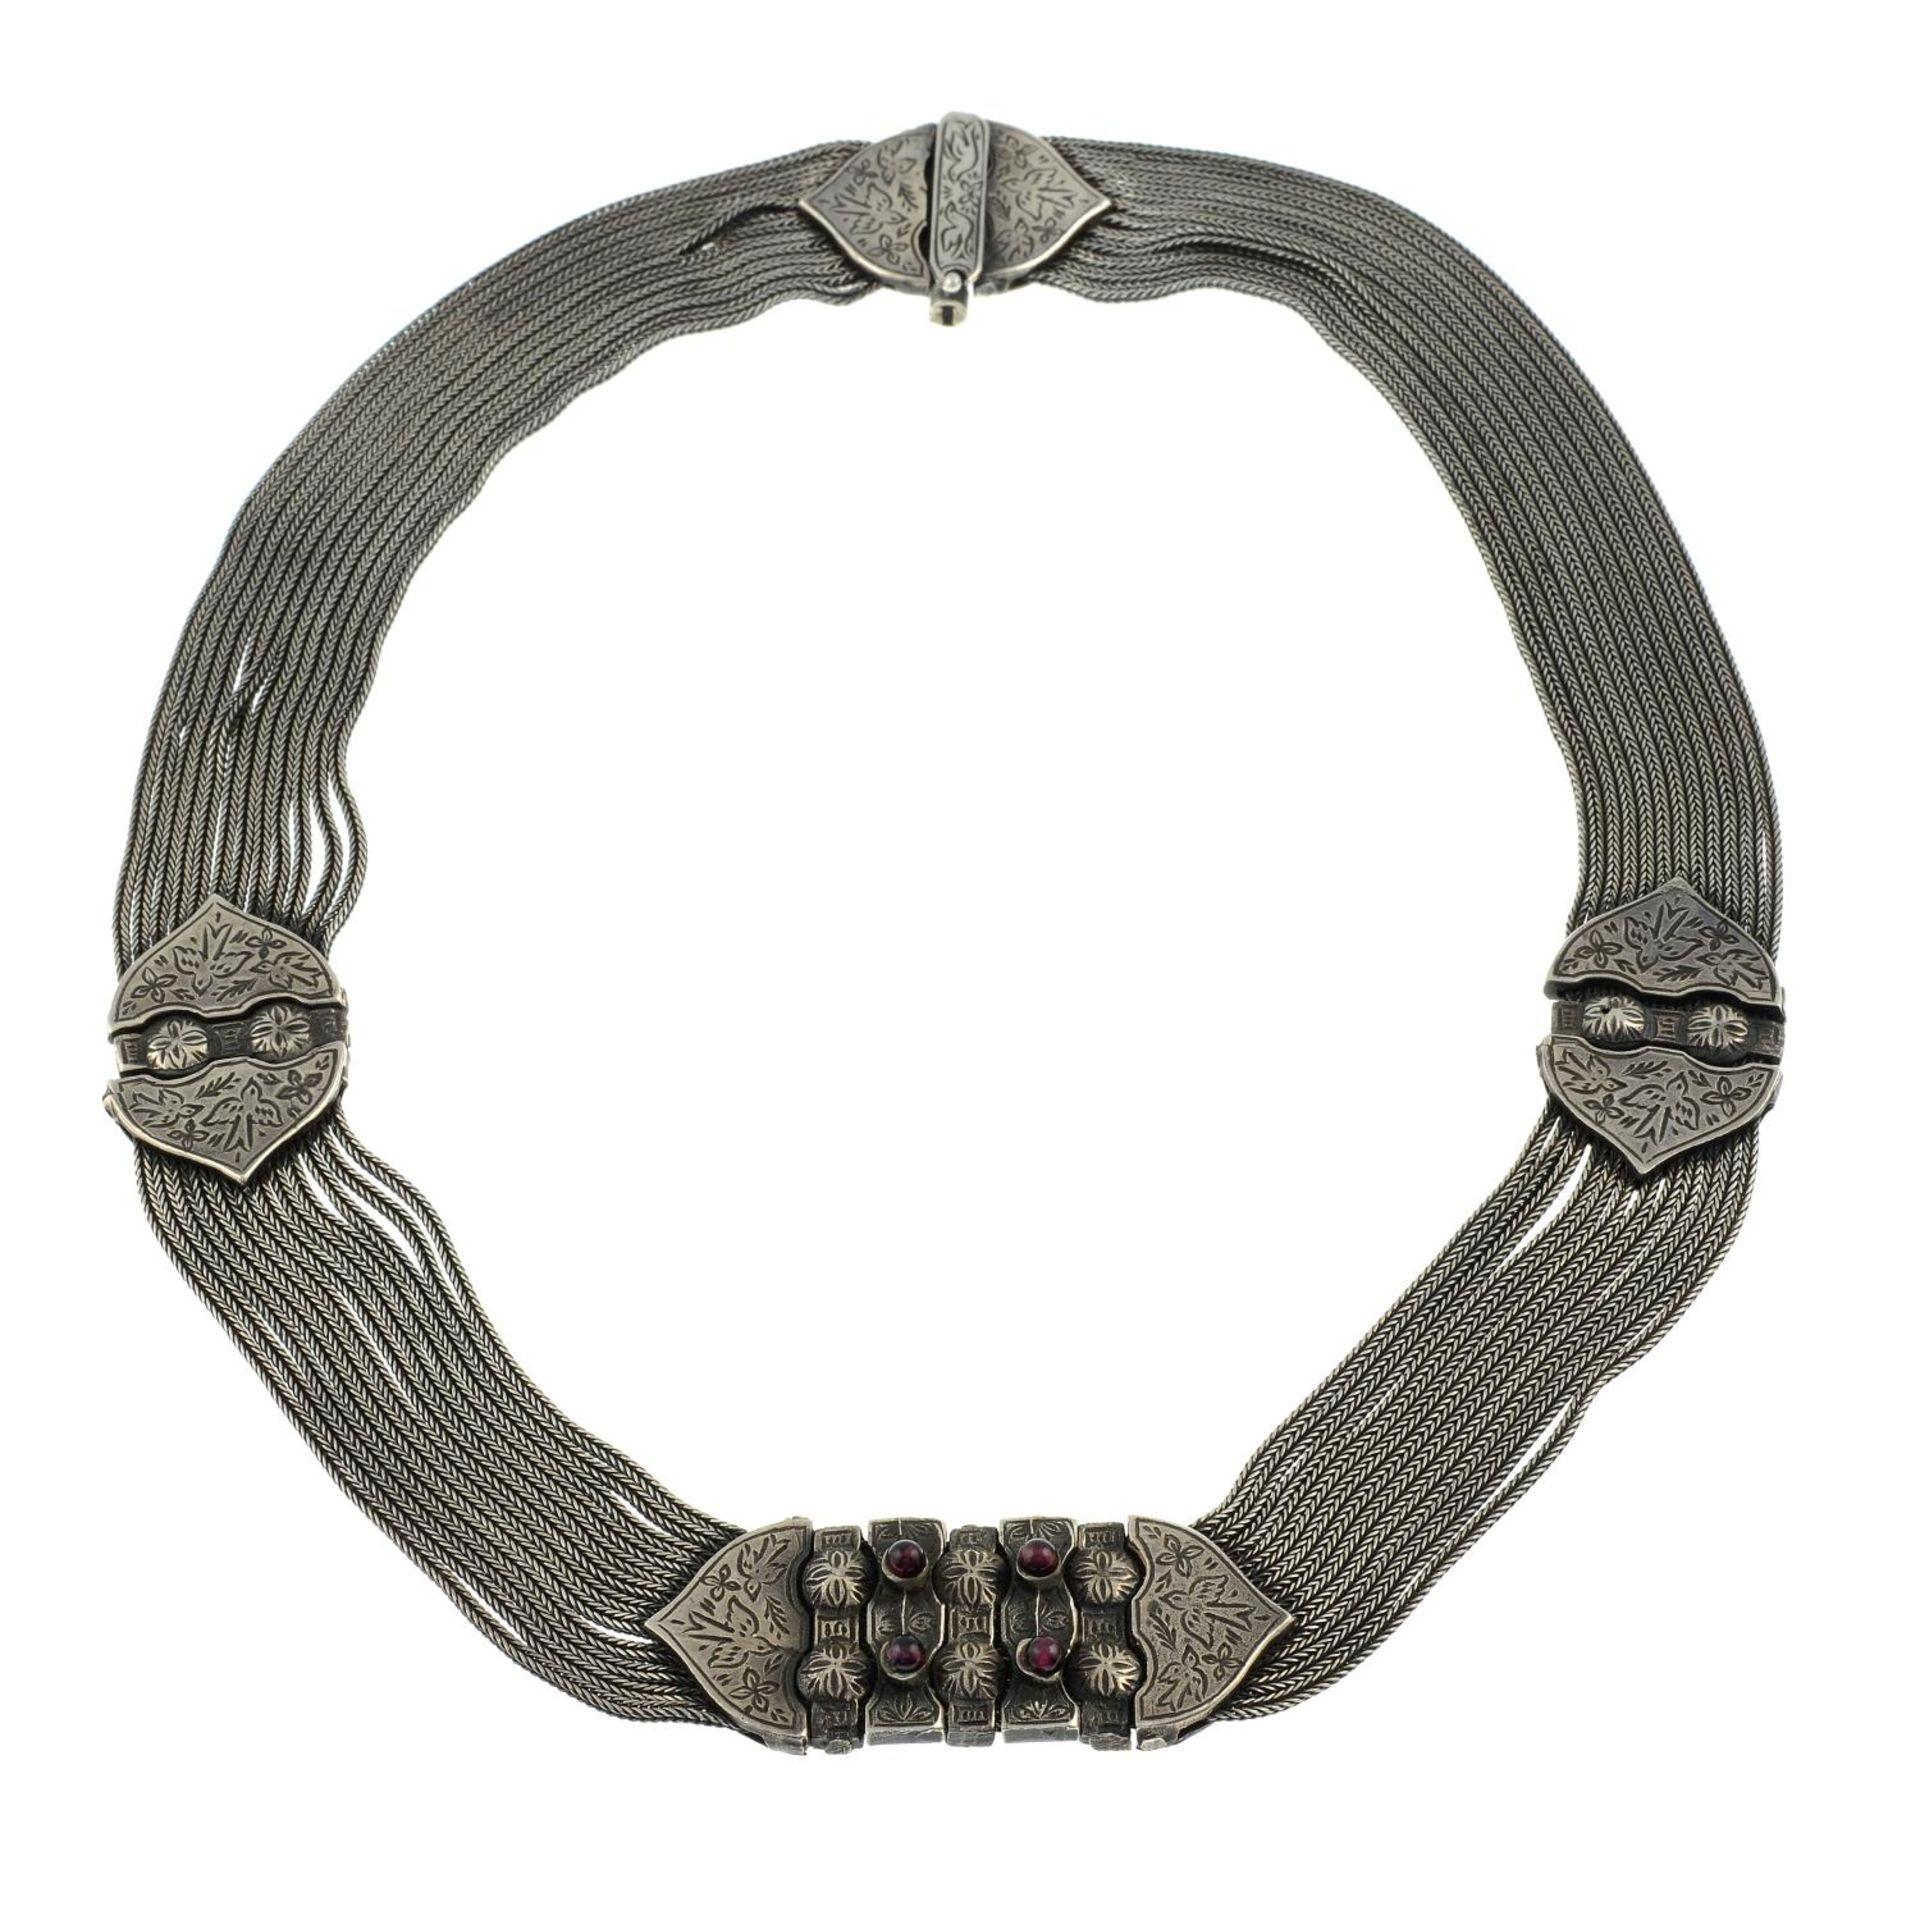 A garnet multi-strand chain necklace.